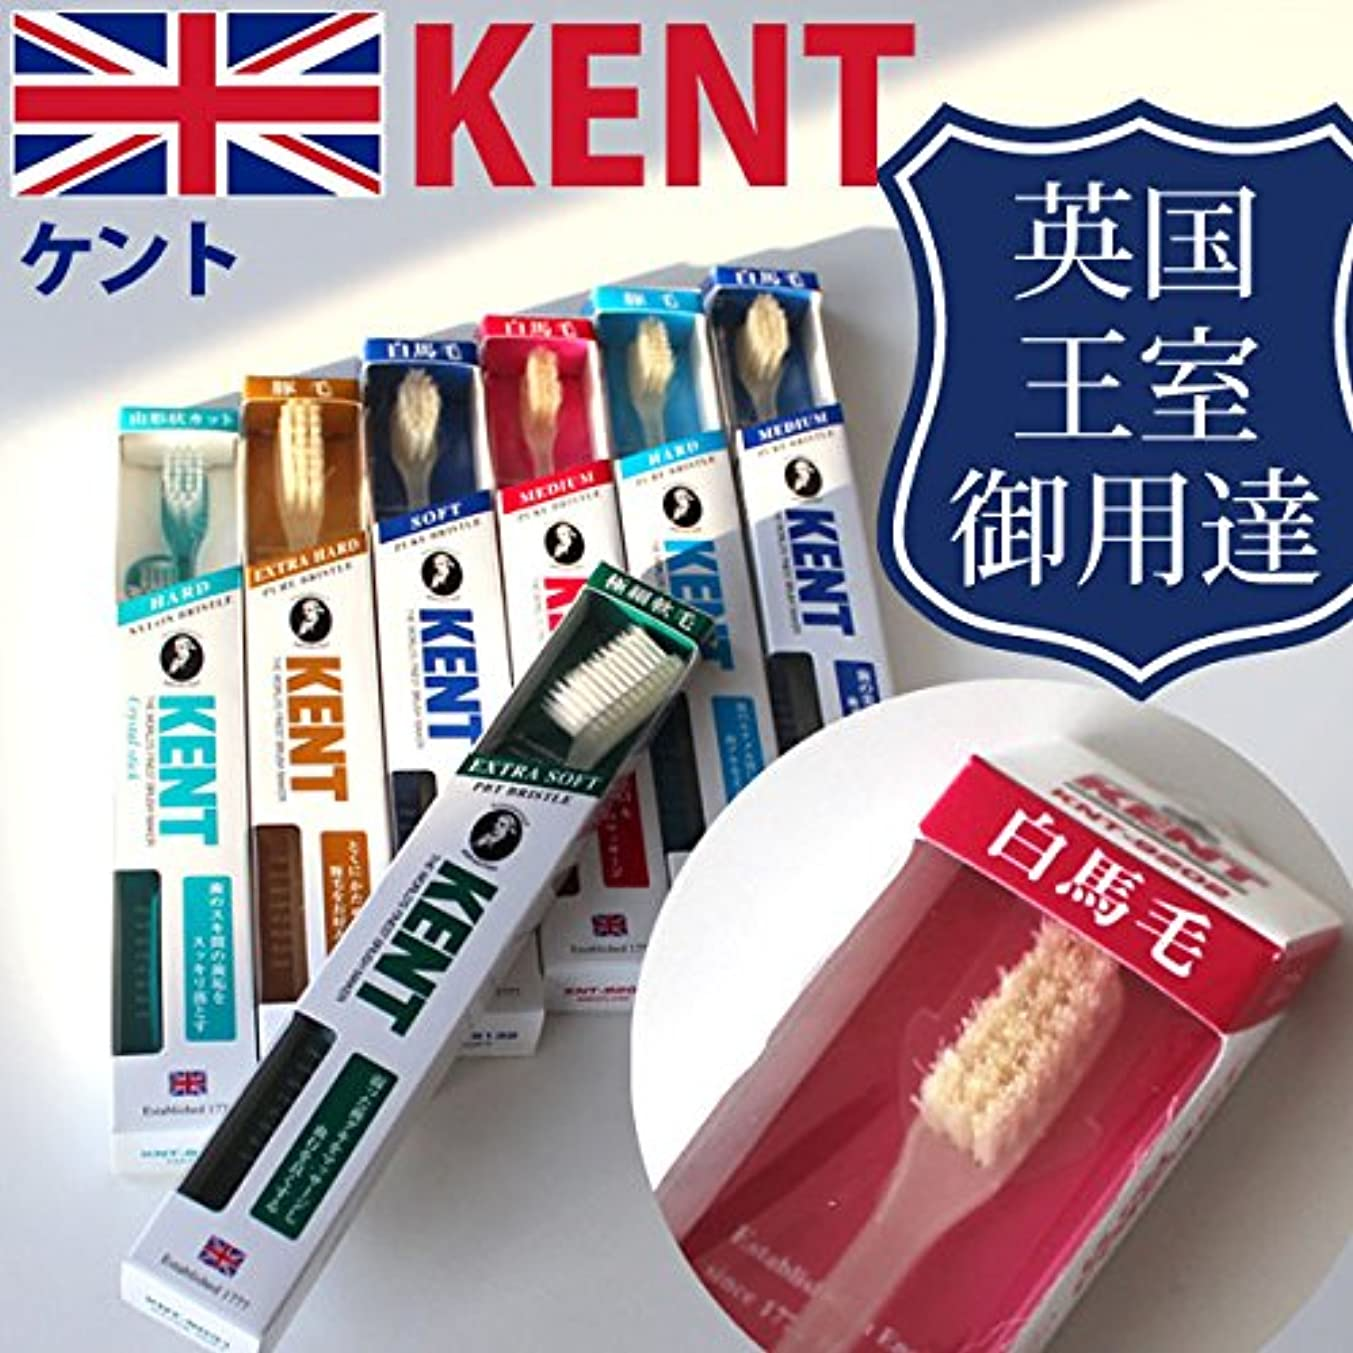 ケント KENT 白馬毛 超コンパクト歯ブラシ KNT-9102/9202 6本入り 他のコンパクトヘッドに比べて歯 やわらかめ